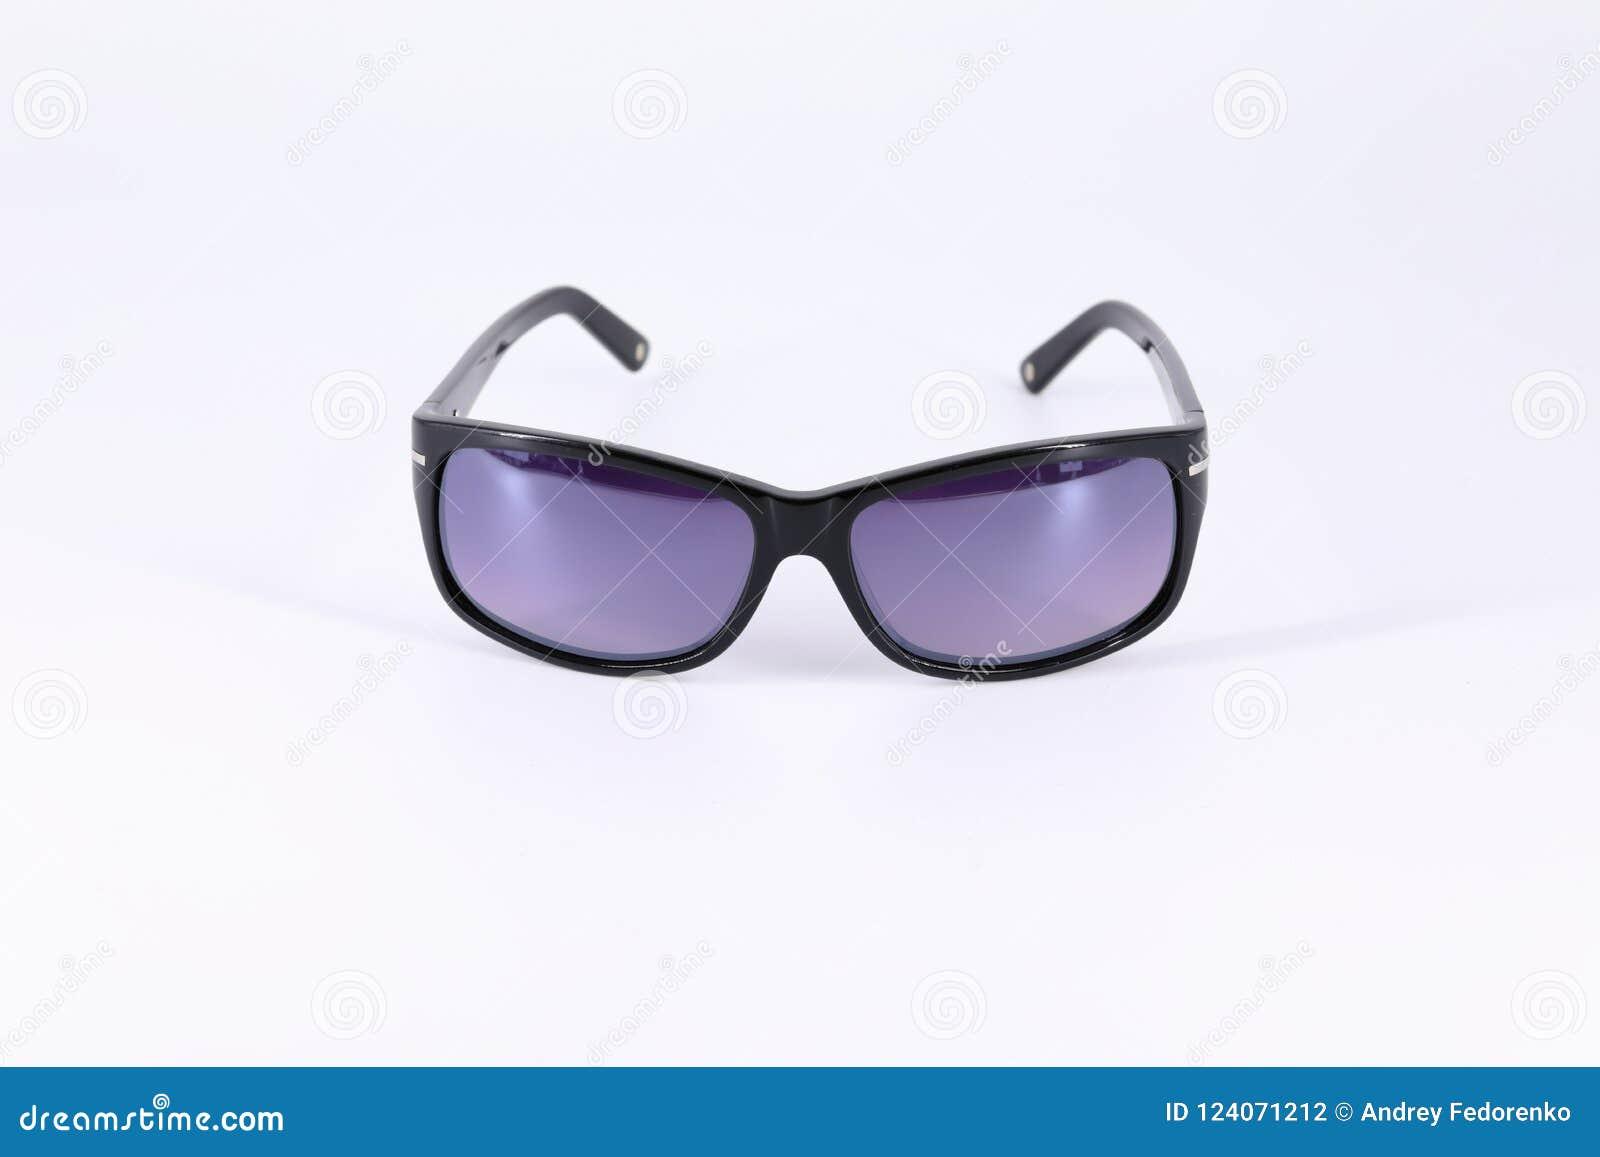 Zonnebril Lichte Glazen : Zonnebril van donkere materiële en donkere glazen wordt gemaakt dat